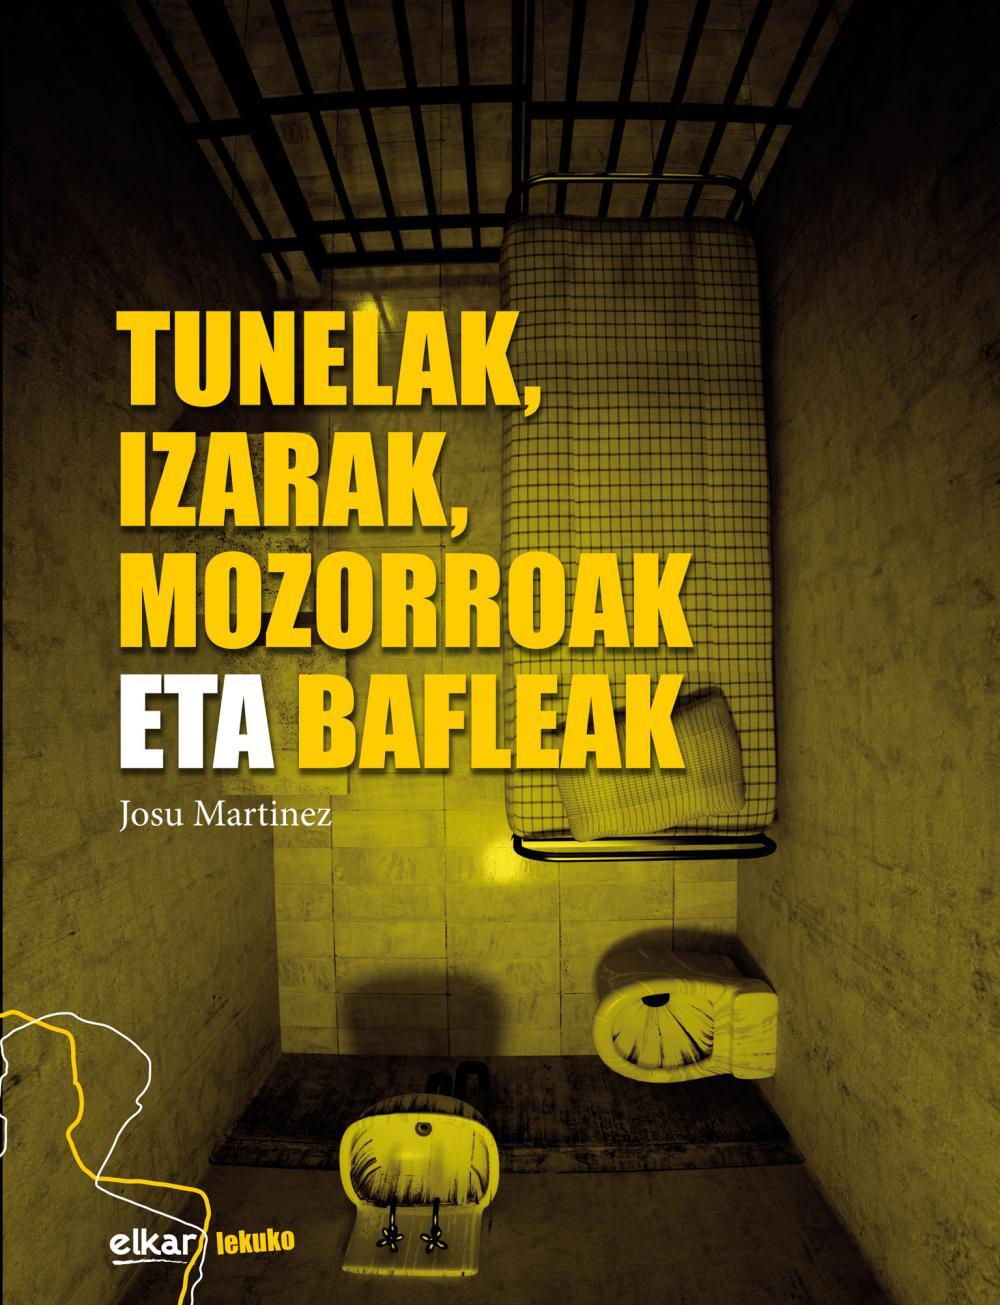 Tunelak, izarak, mozorroak eta blafleak